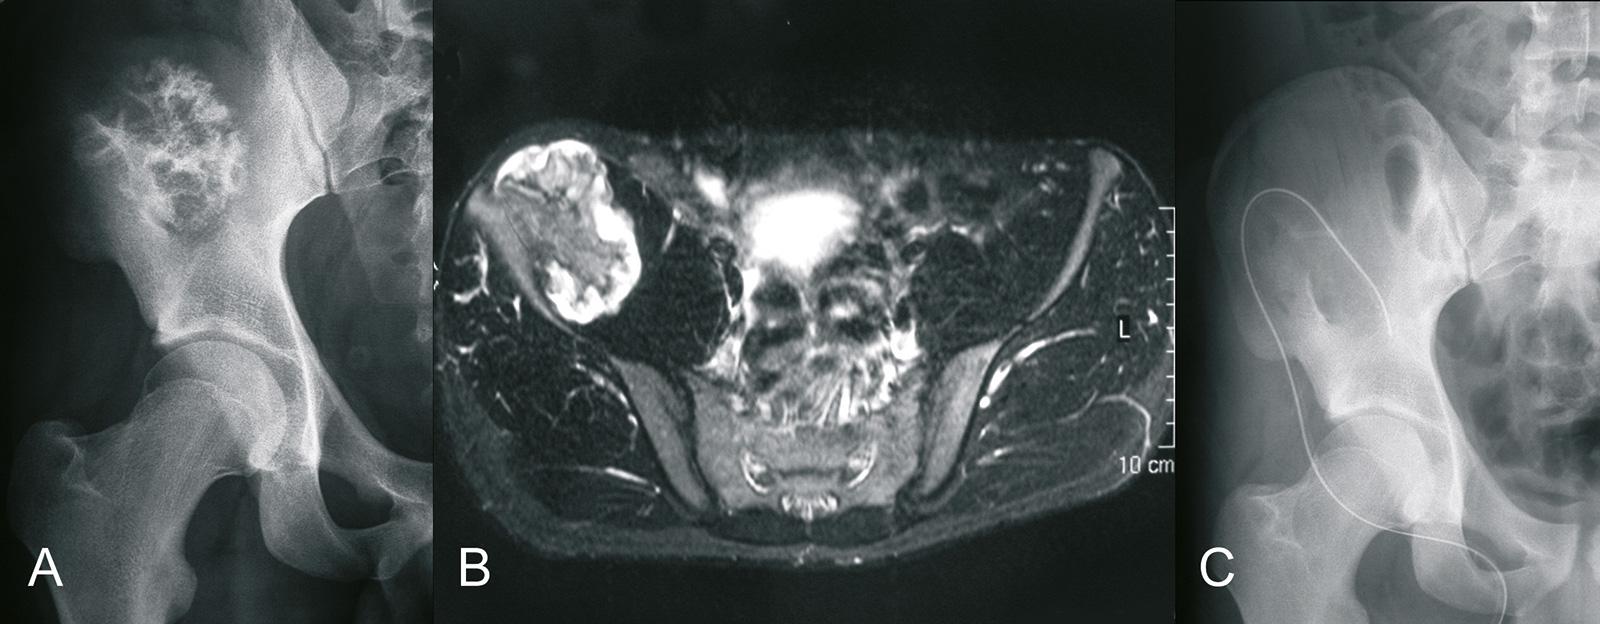 Abb. 8-43: Ausgedehnte Exostose im Bereich des Os iliums (A,B) und nach offener Entfernung (C) (Eigentum des Instituts für Klinische Radiologie der Universität Münster)